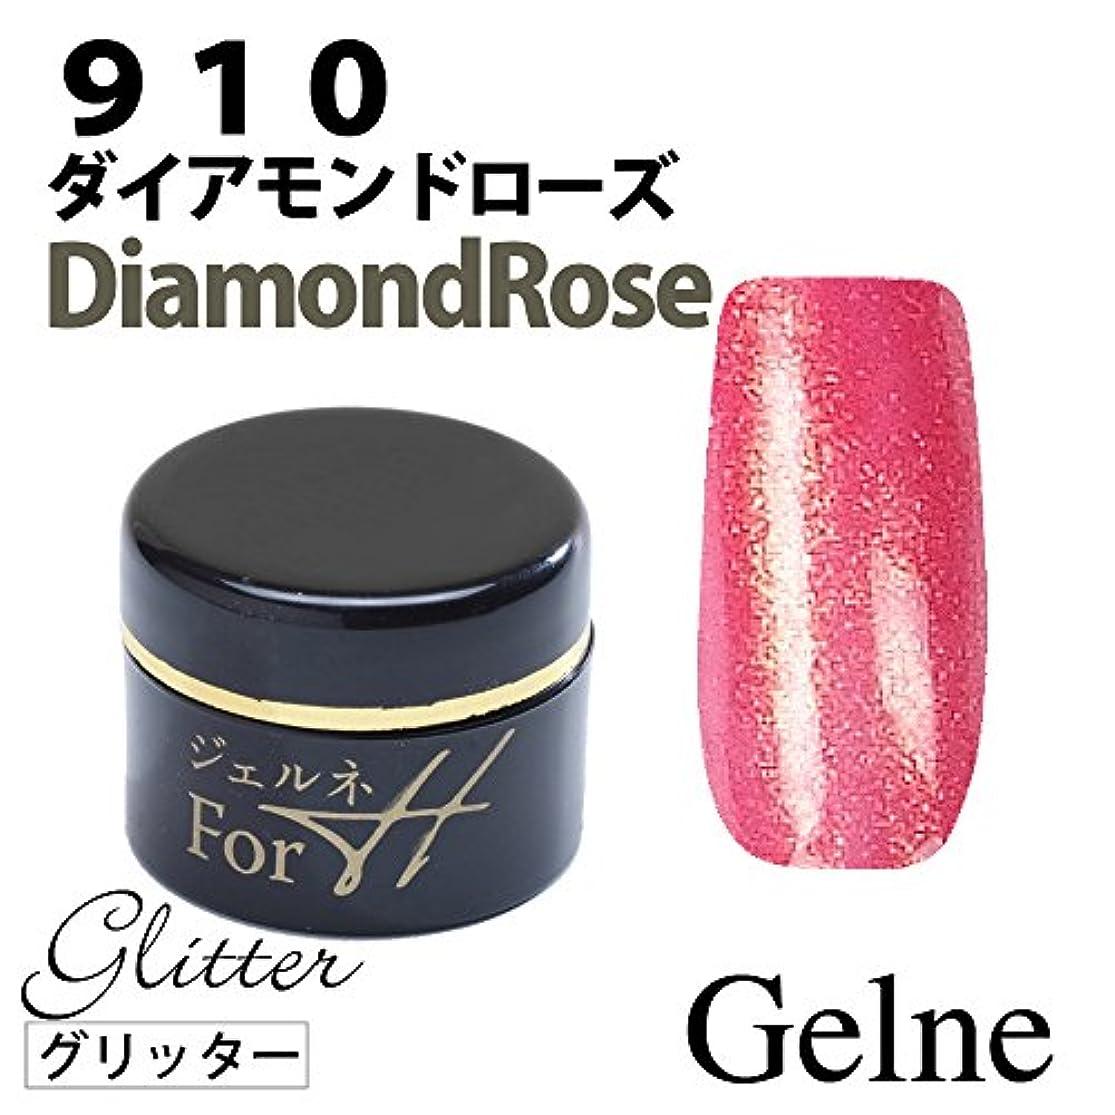 散髪予防接種リフレッシュGelneオリジナル ダイヤモンドローズ カラージェル 5g LED/UV対応 ソークオフジェル